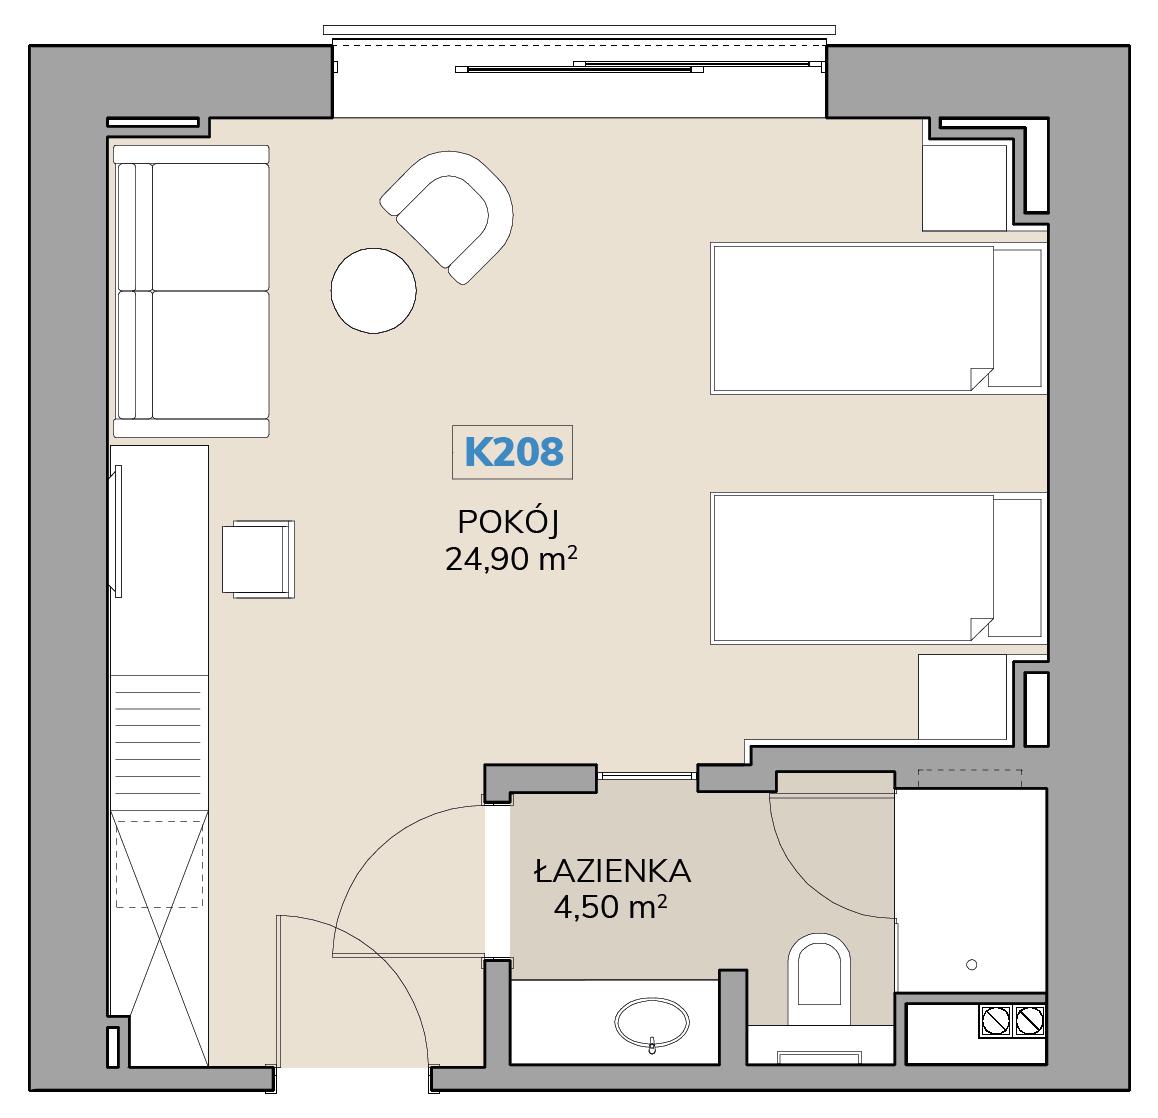 Apartament K208